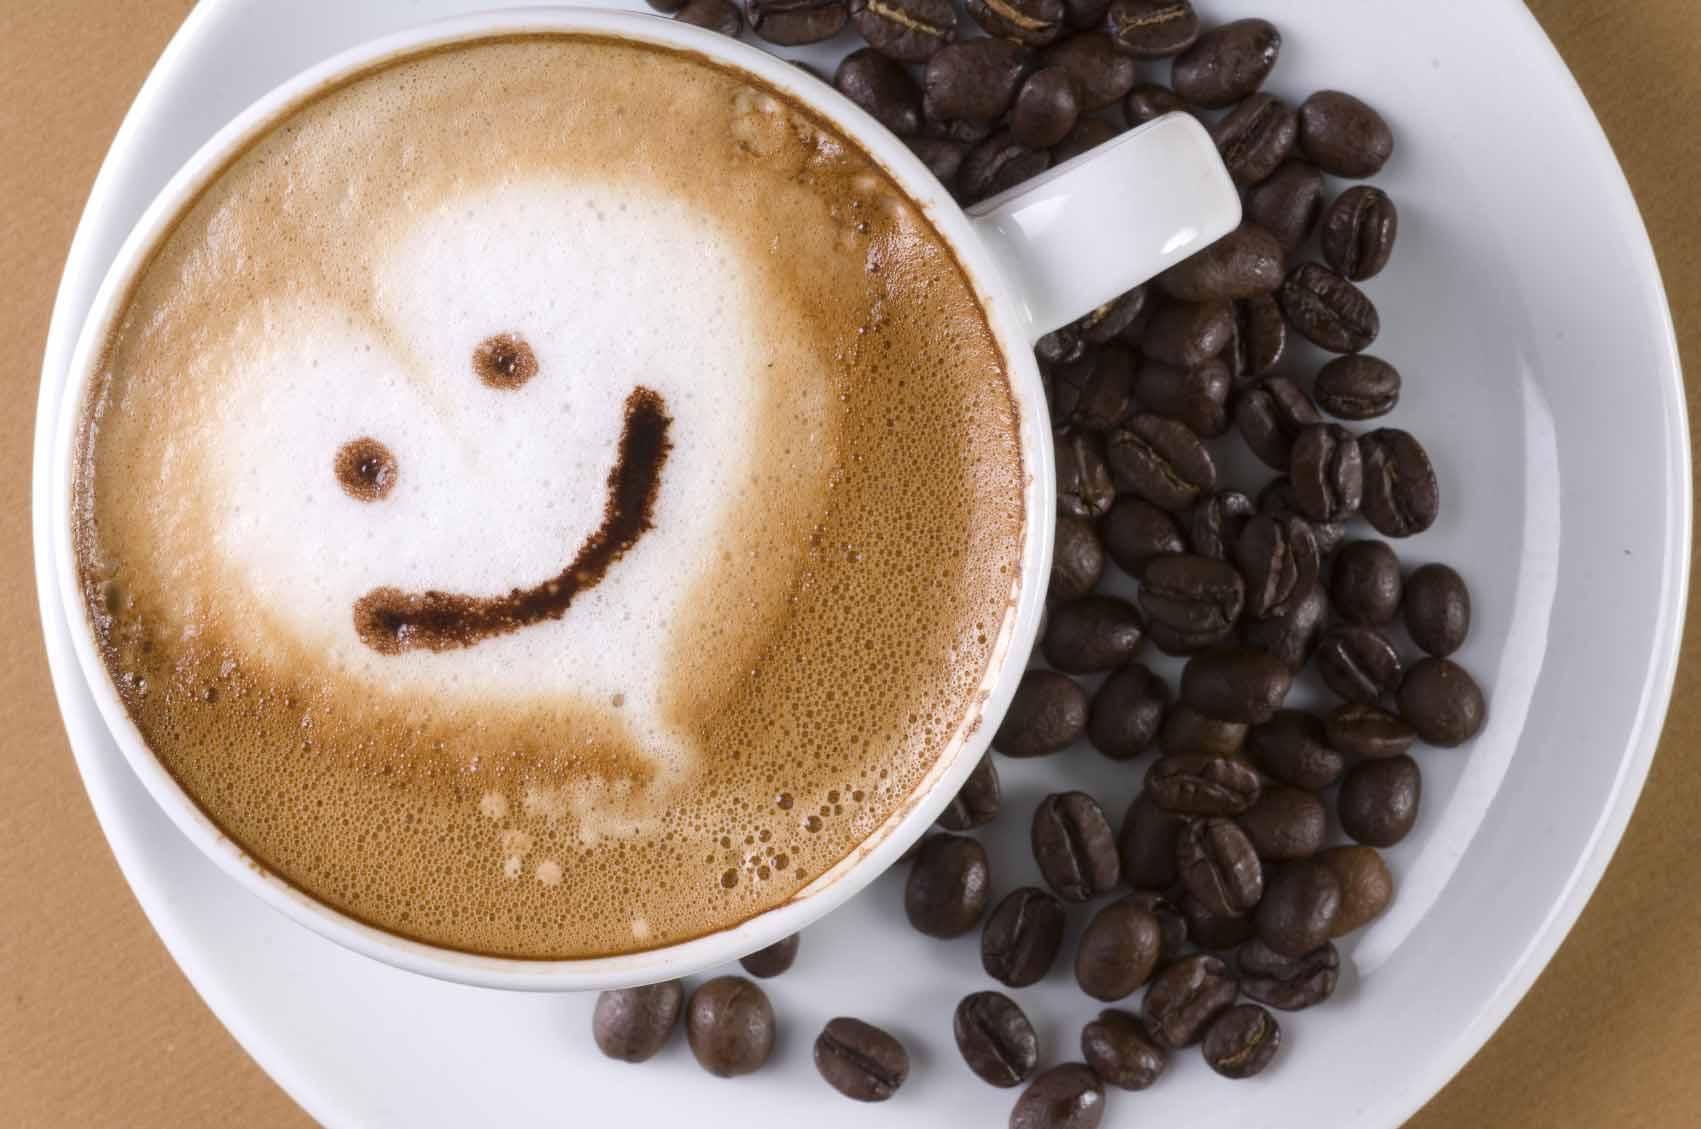 Сбор заказов. Кофеско - рай для кофейных гурманов-7! Плантационный, эксклюзивный, ароматизированный! Арабика, робуста